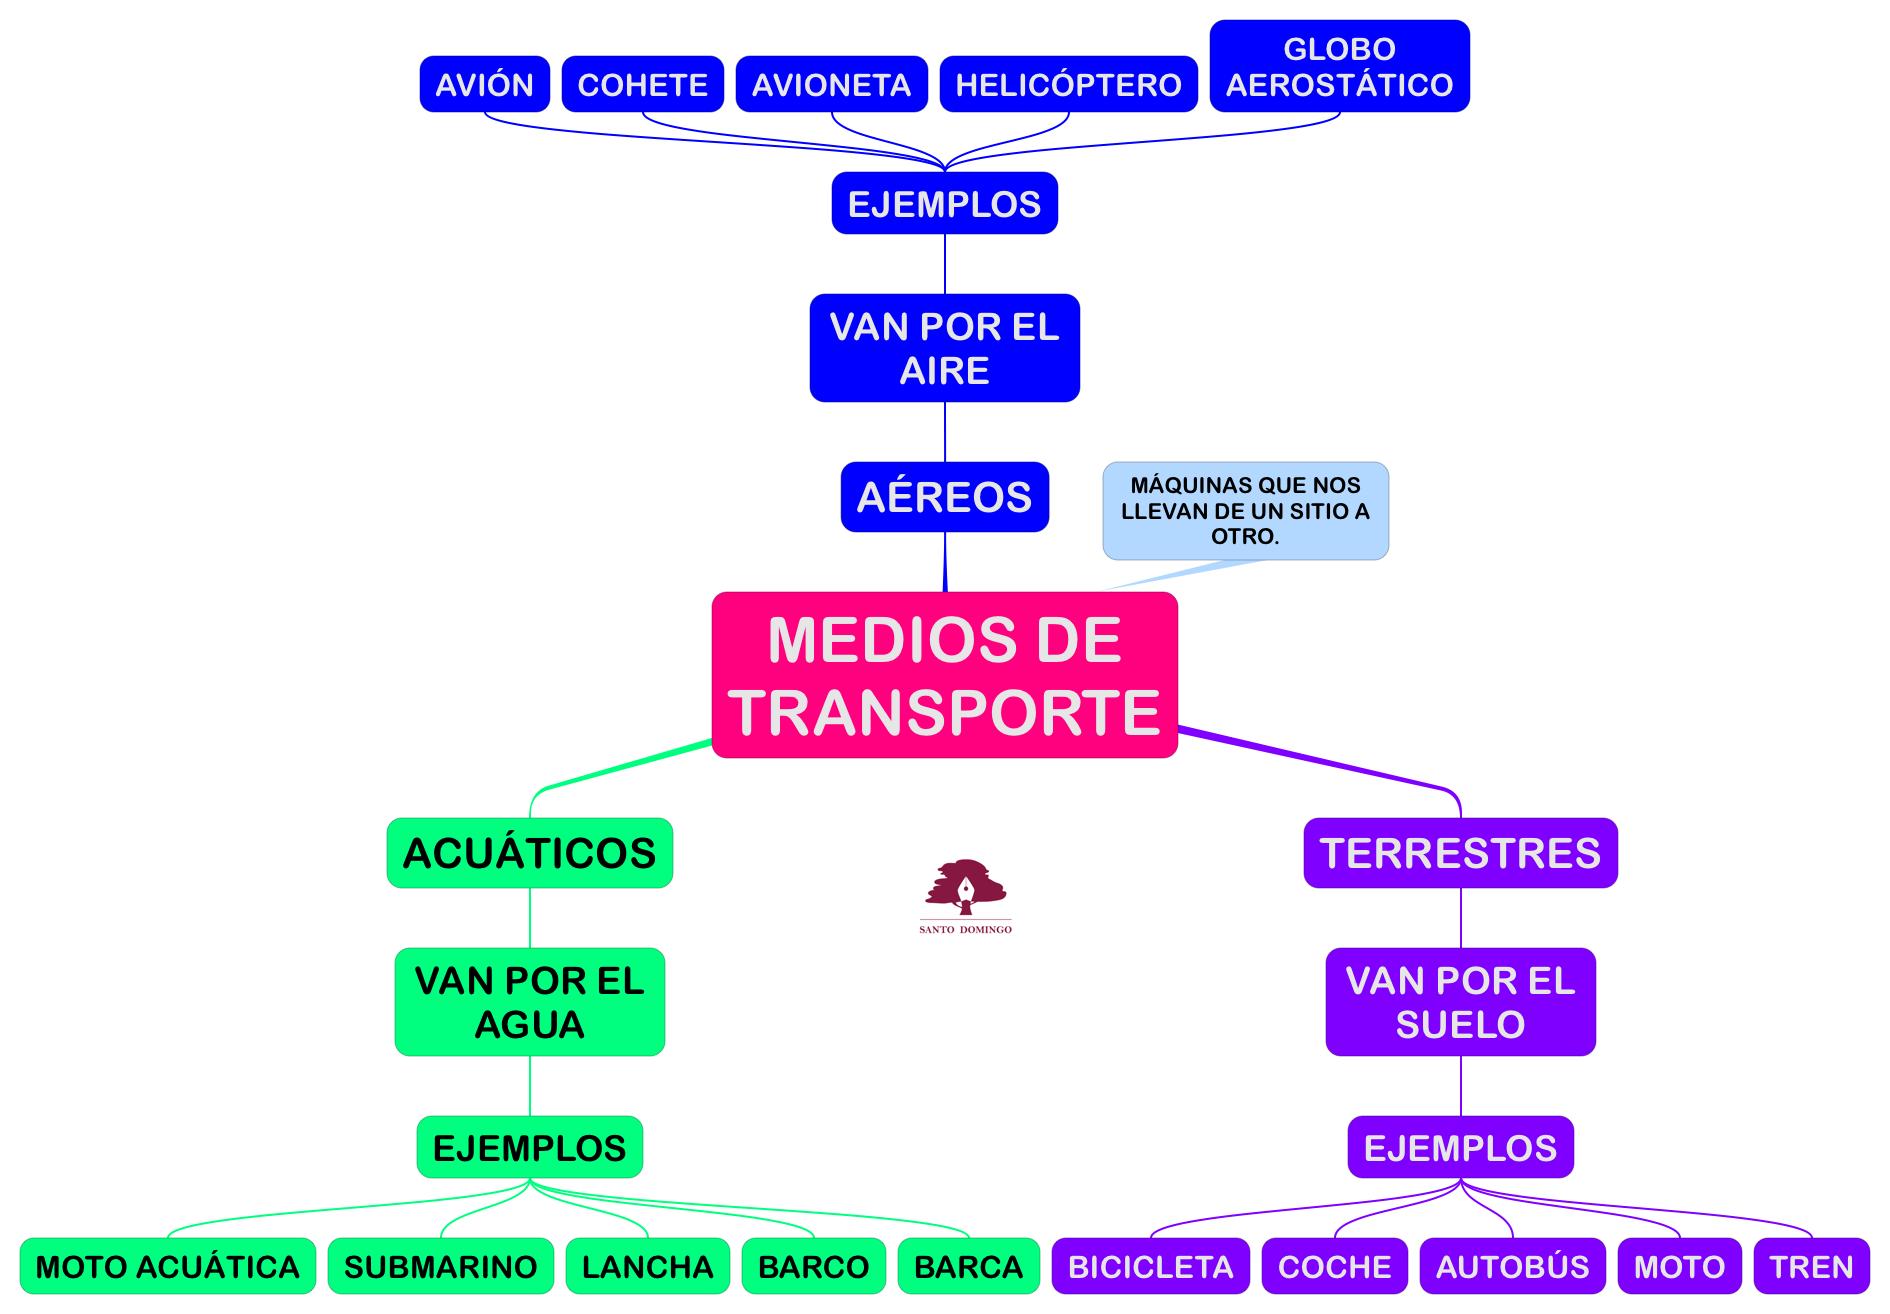 PROYECTO_MIRANDO AL CIELO-MEDIOS DE TRANSPORTE_04